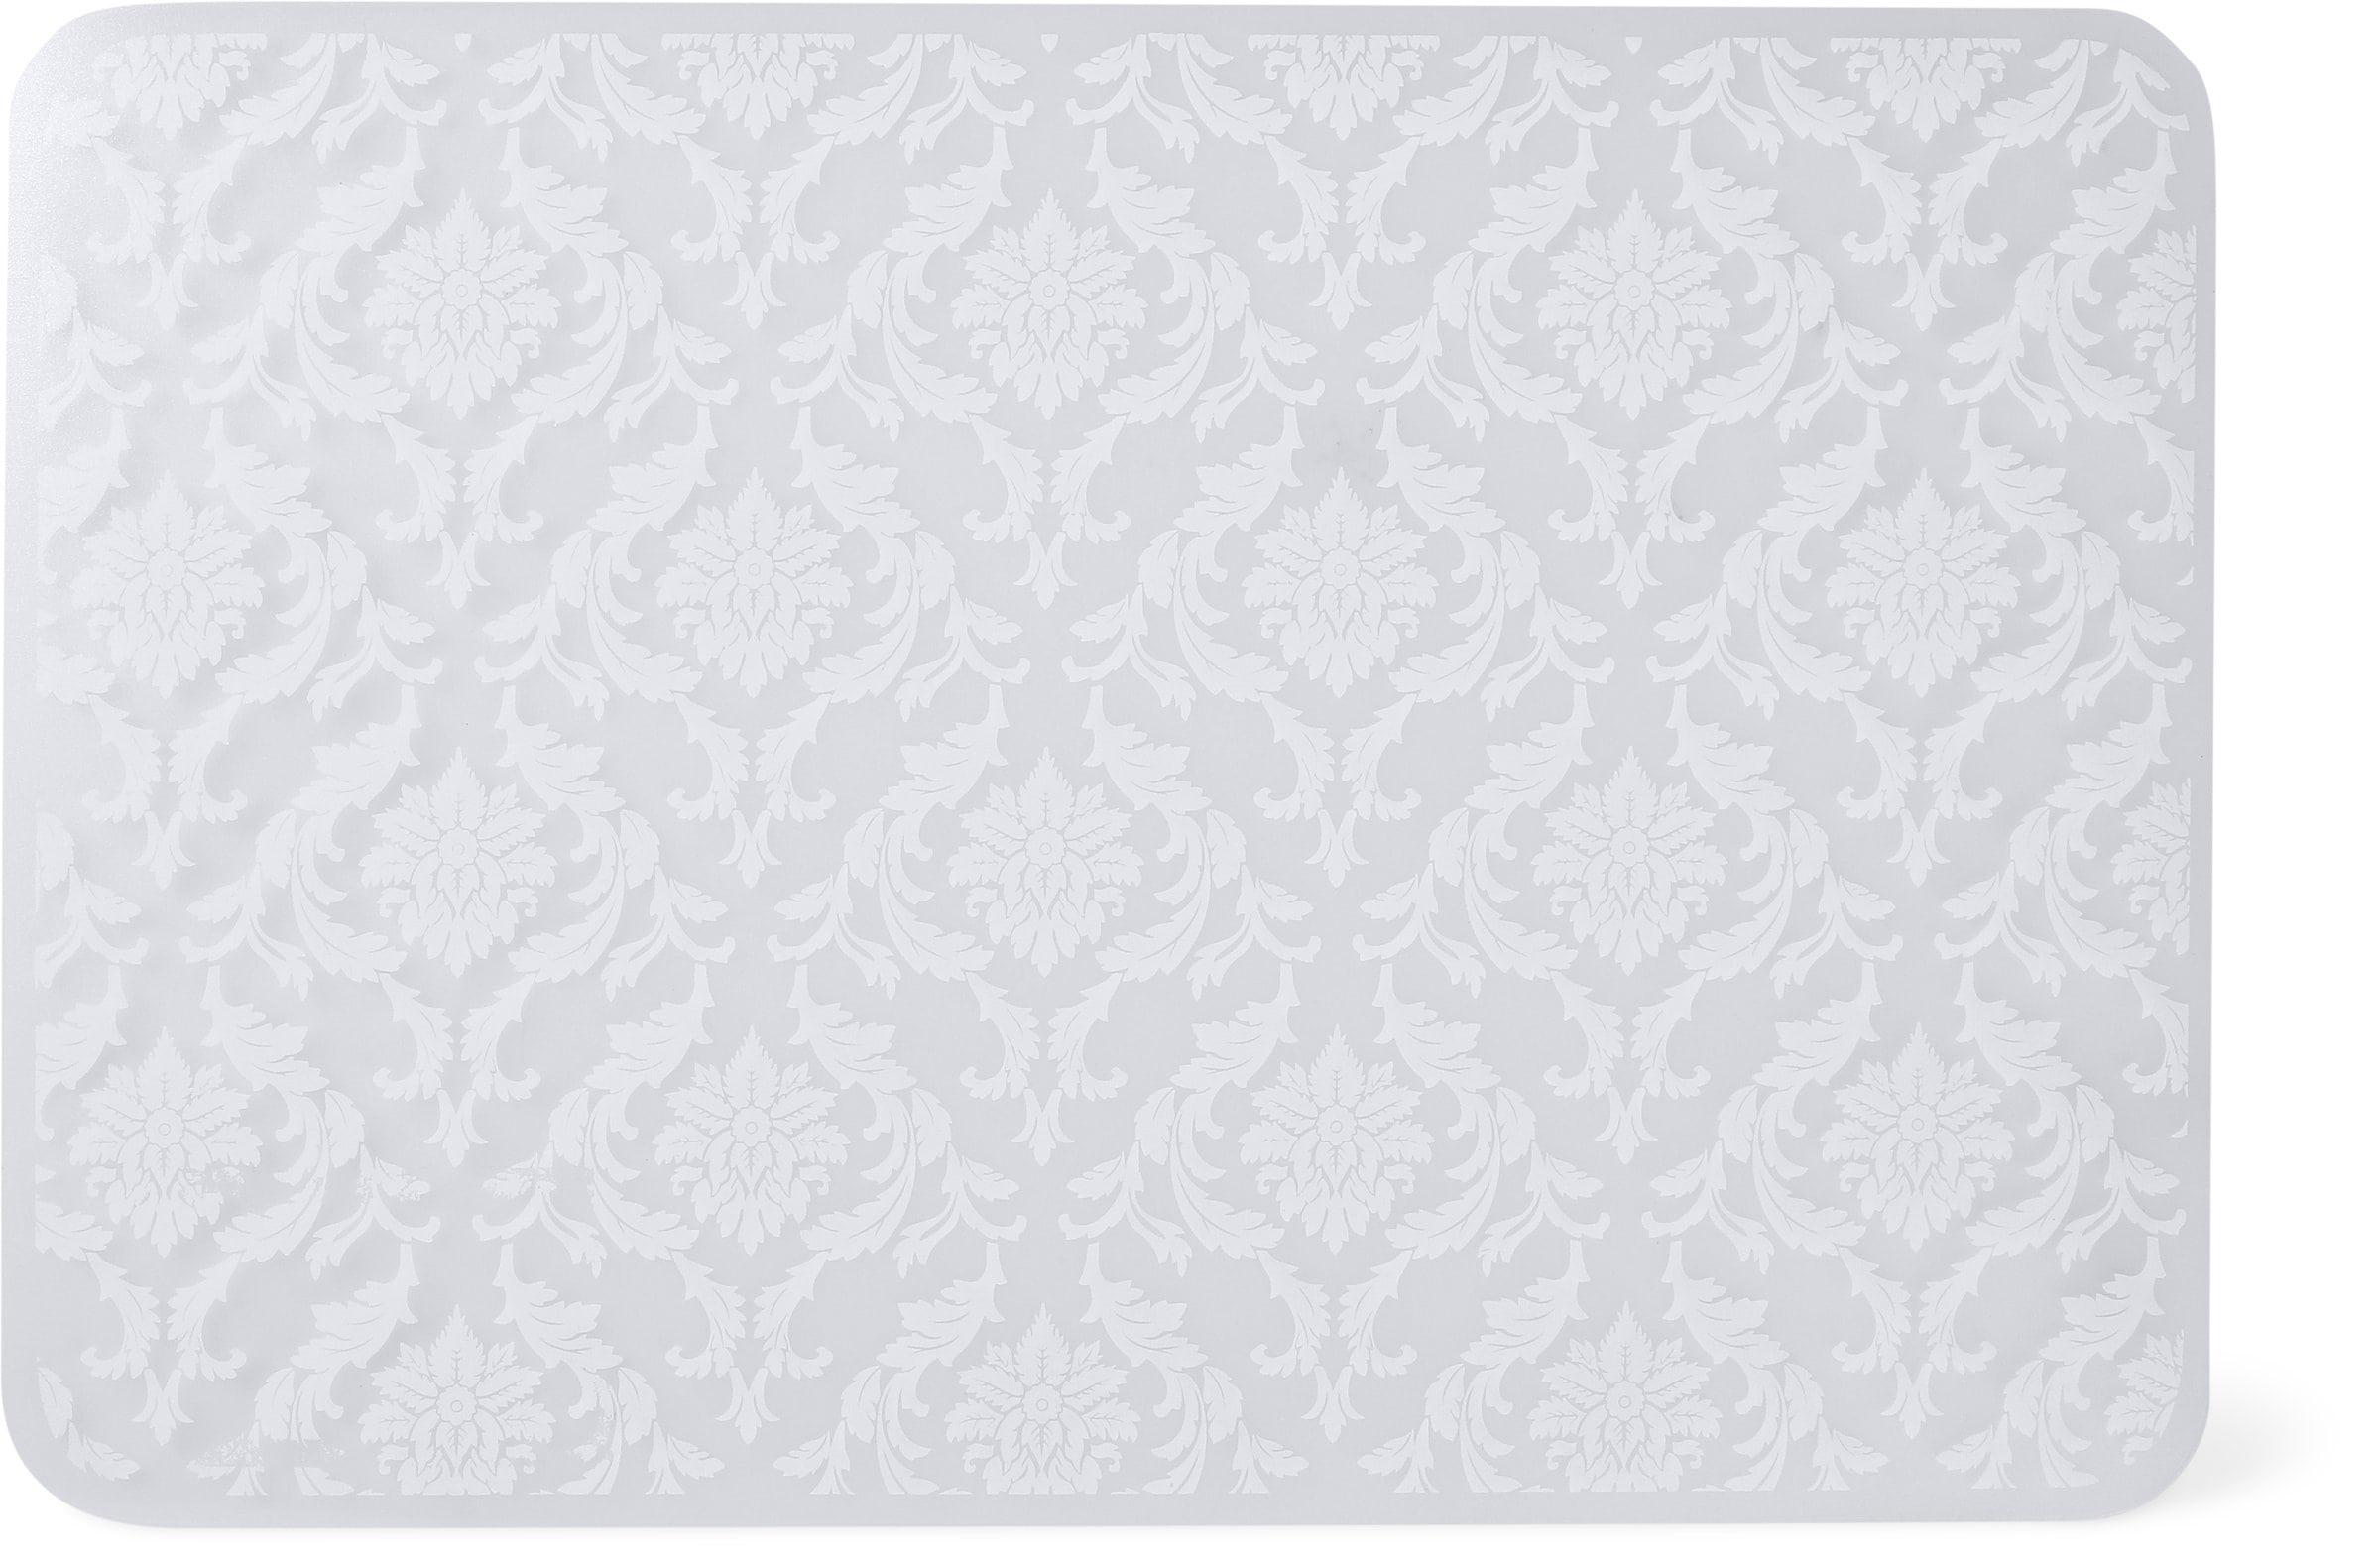 Cucina & Tavola Ornament Set de table